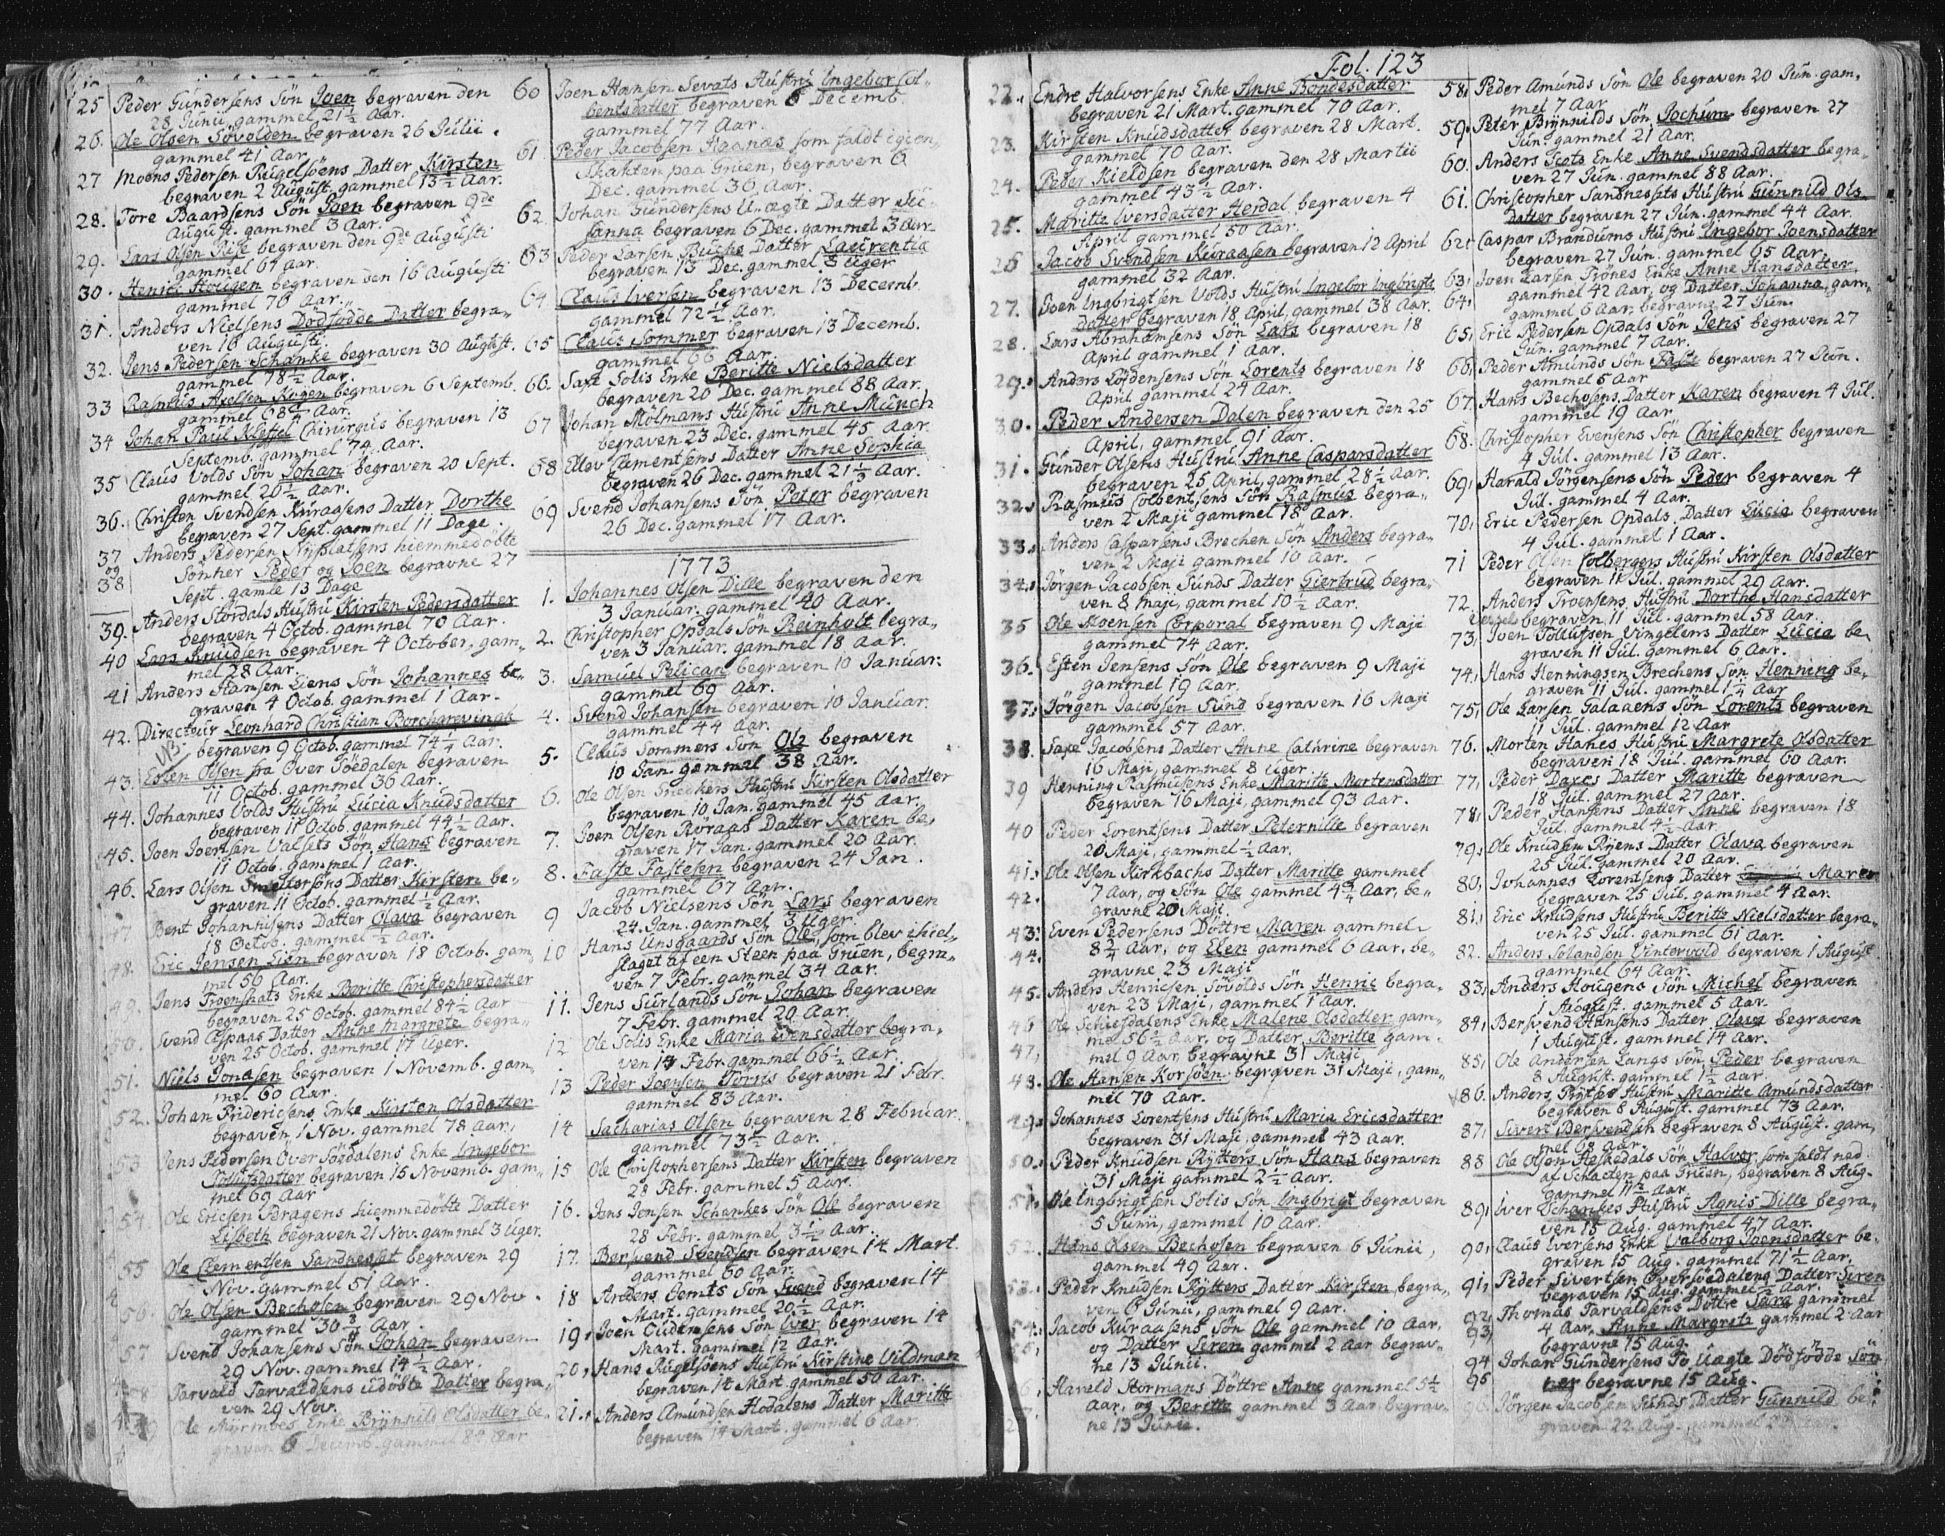 SAT, Ministerialprotokoller, klokkerbøker og fødselsregistre - Sør-Trøndelag, 681/L0926: Ministerialbok nr. 681A04, 1767-1797, s. 123